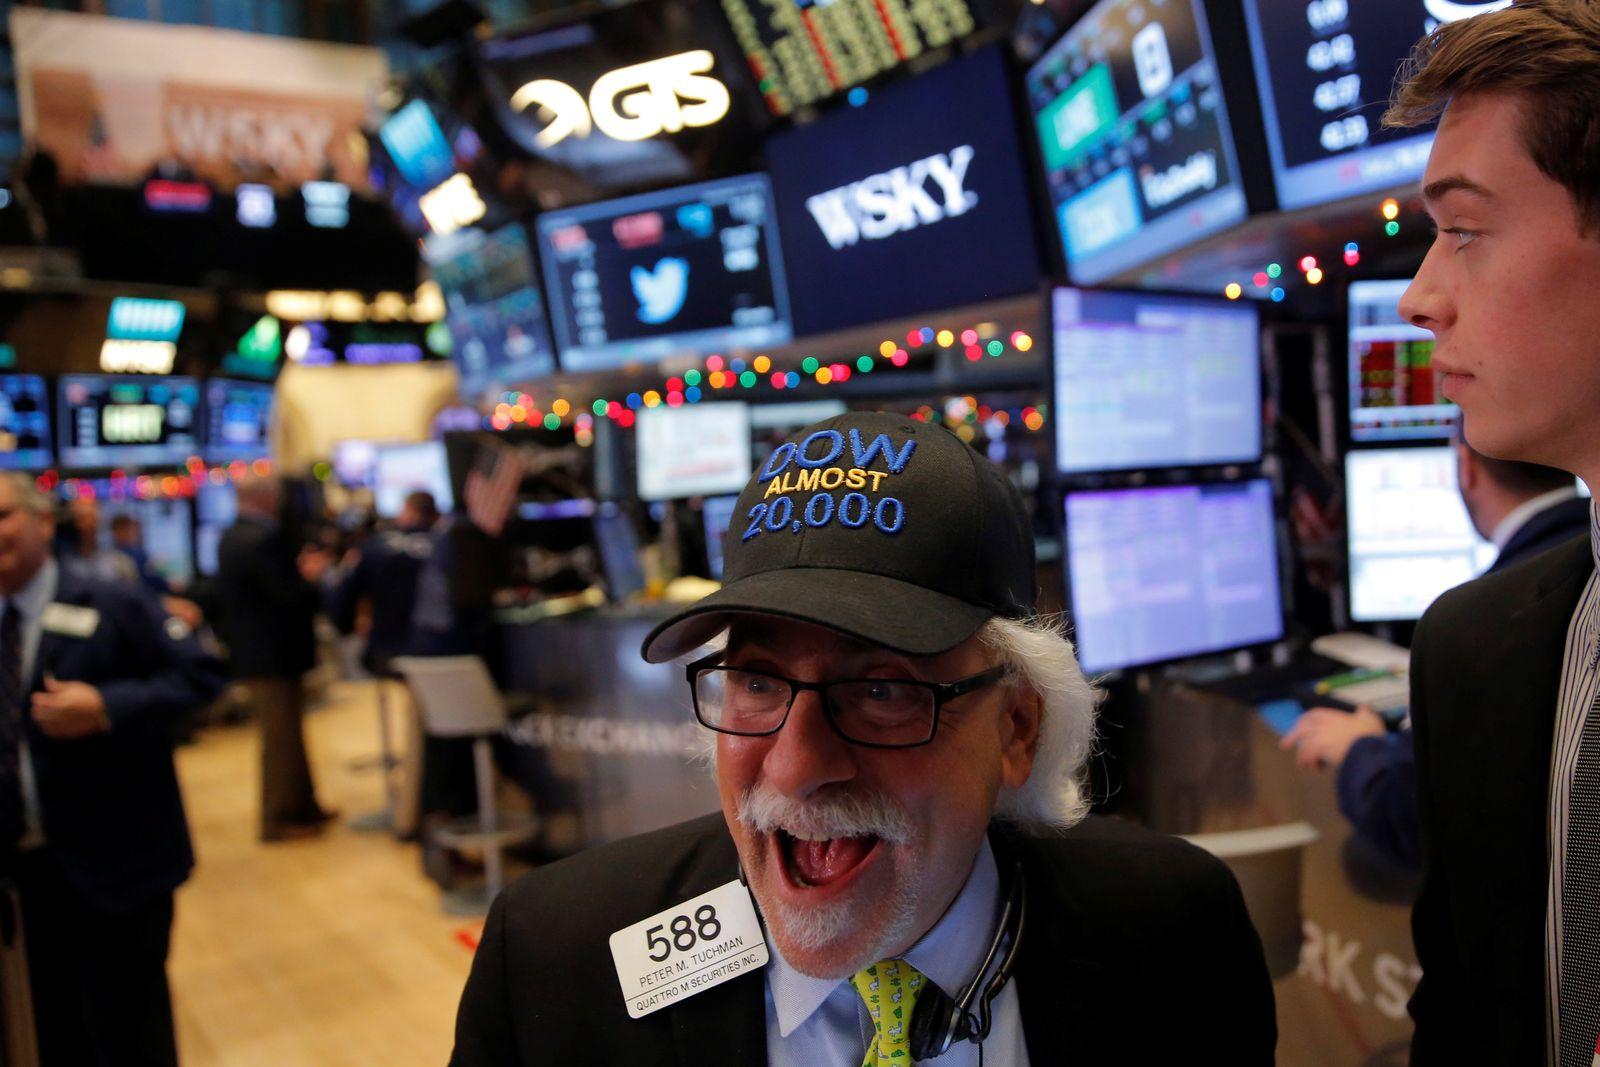 Börse New York / Dow Jones 20000 / NYSE